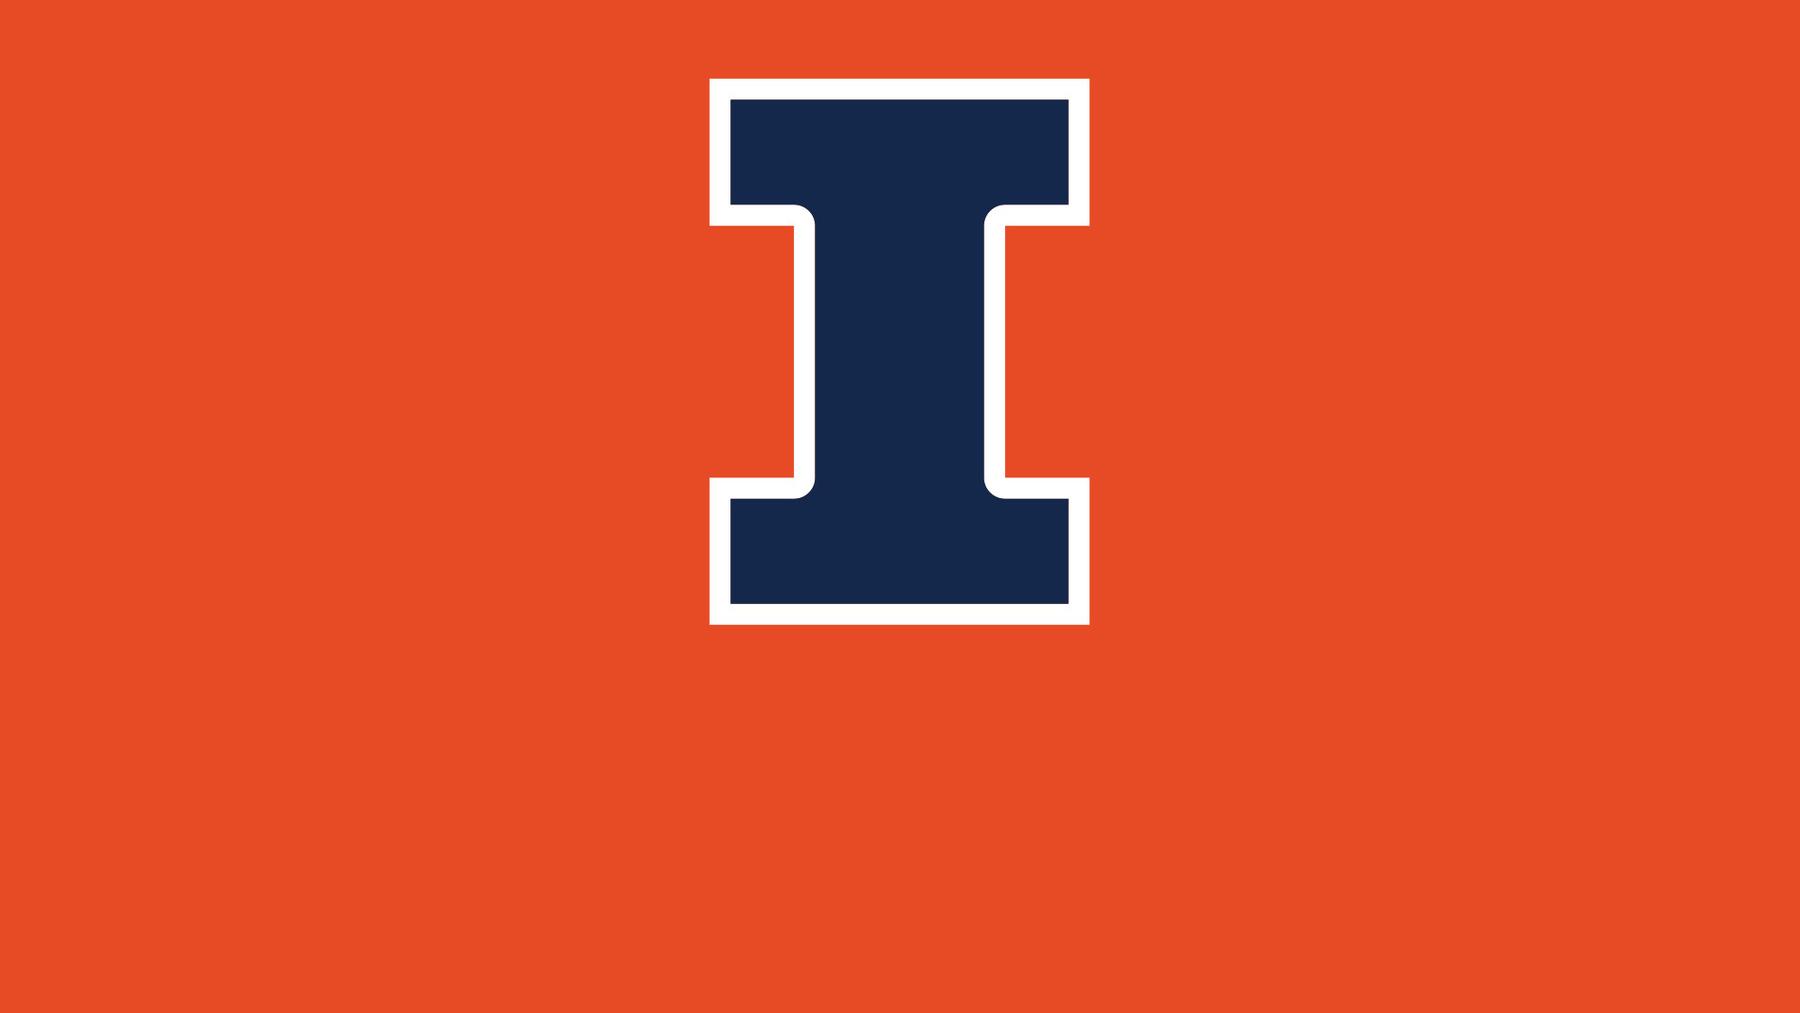 block I logo